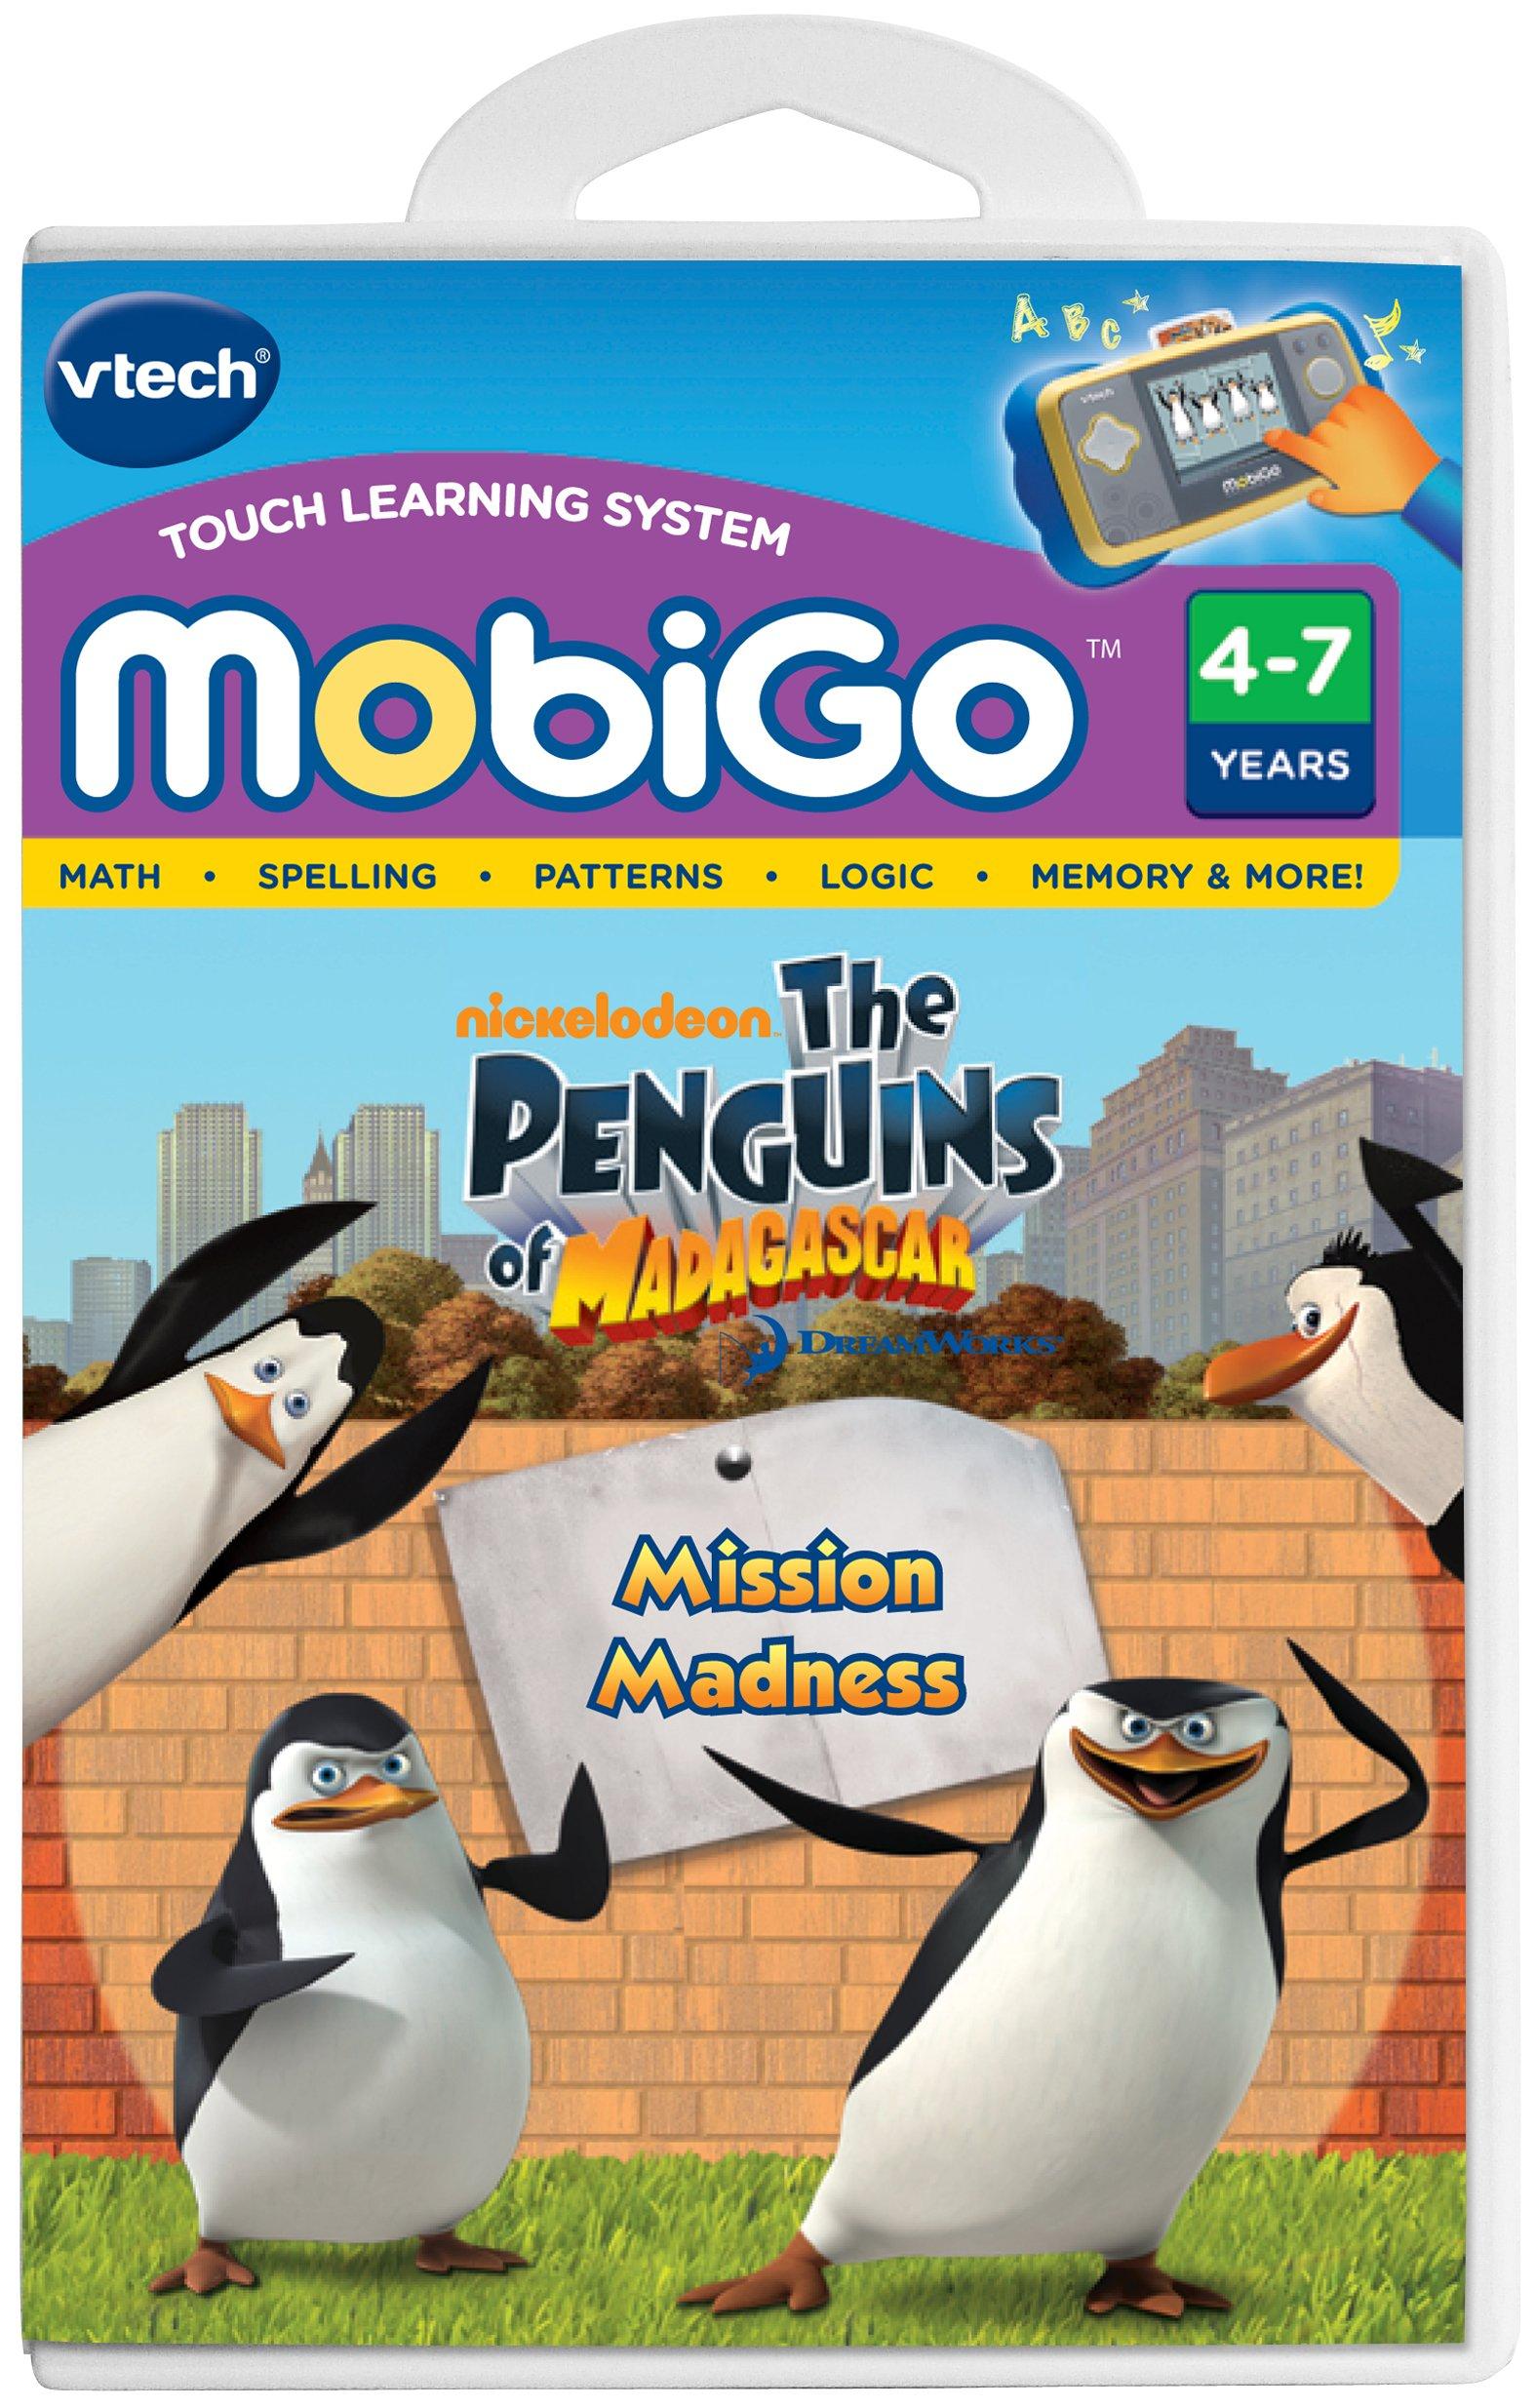 VTech - MobiGo Software - Penguins Of Madagascar by VTech (Image #1)